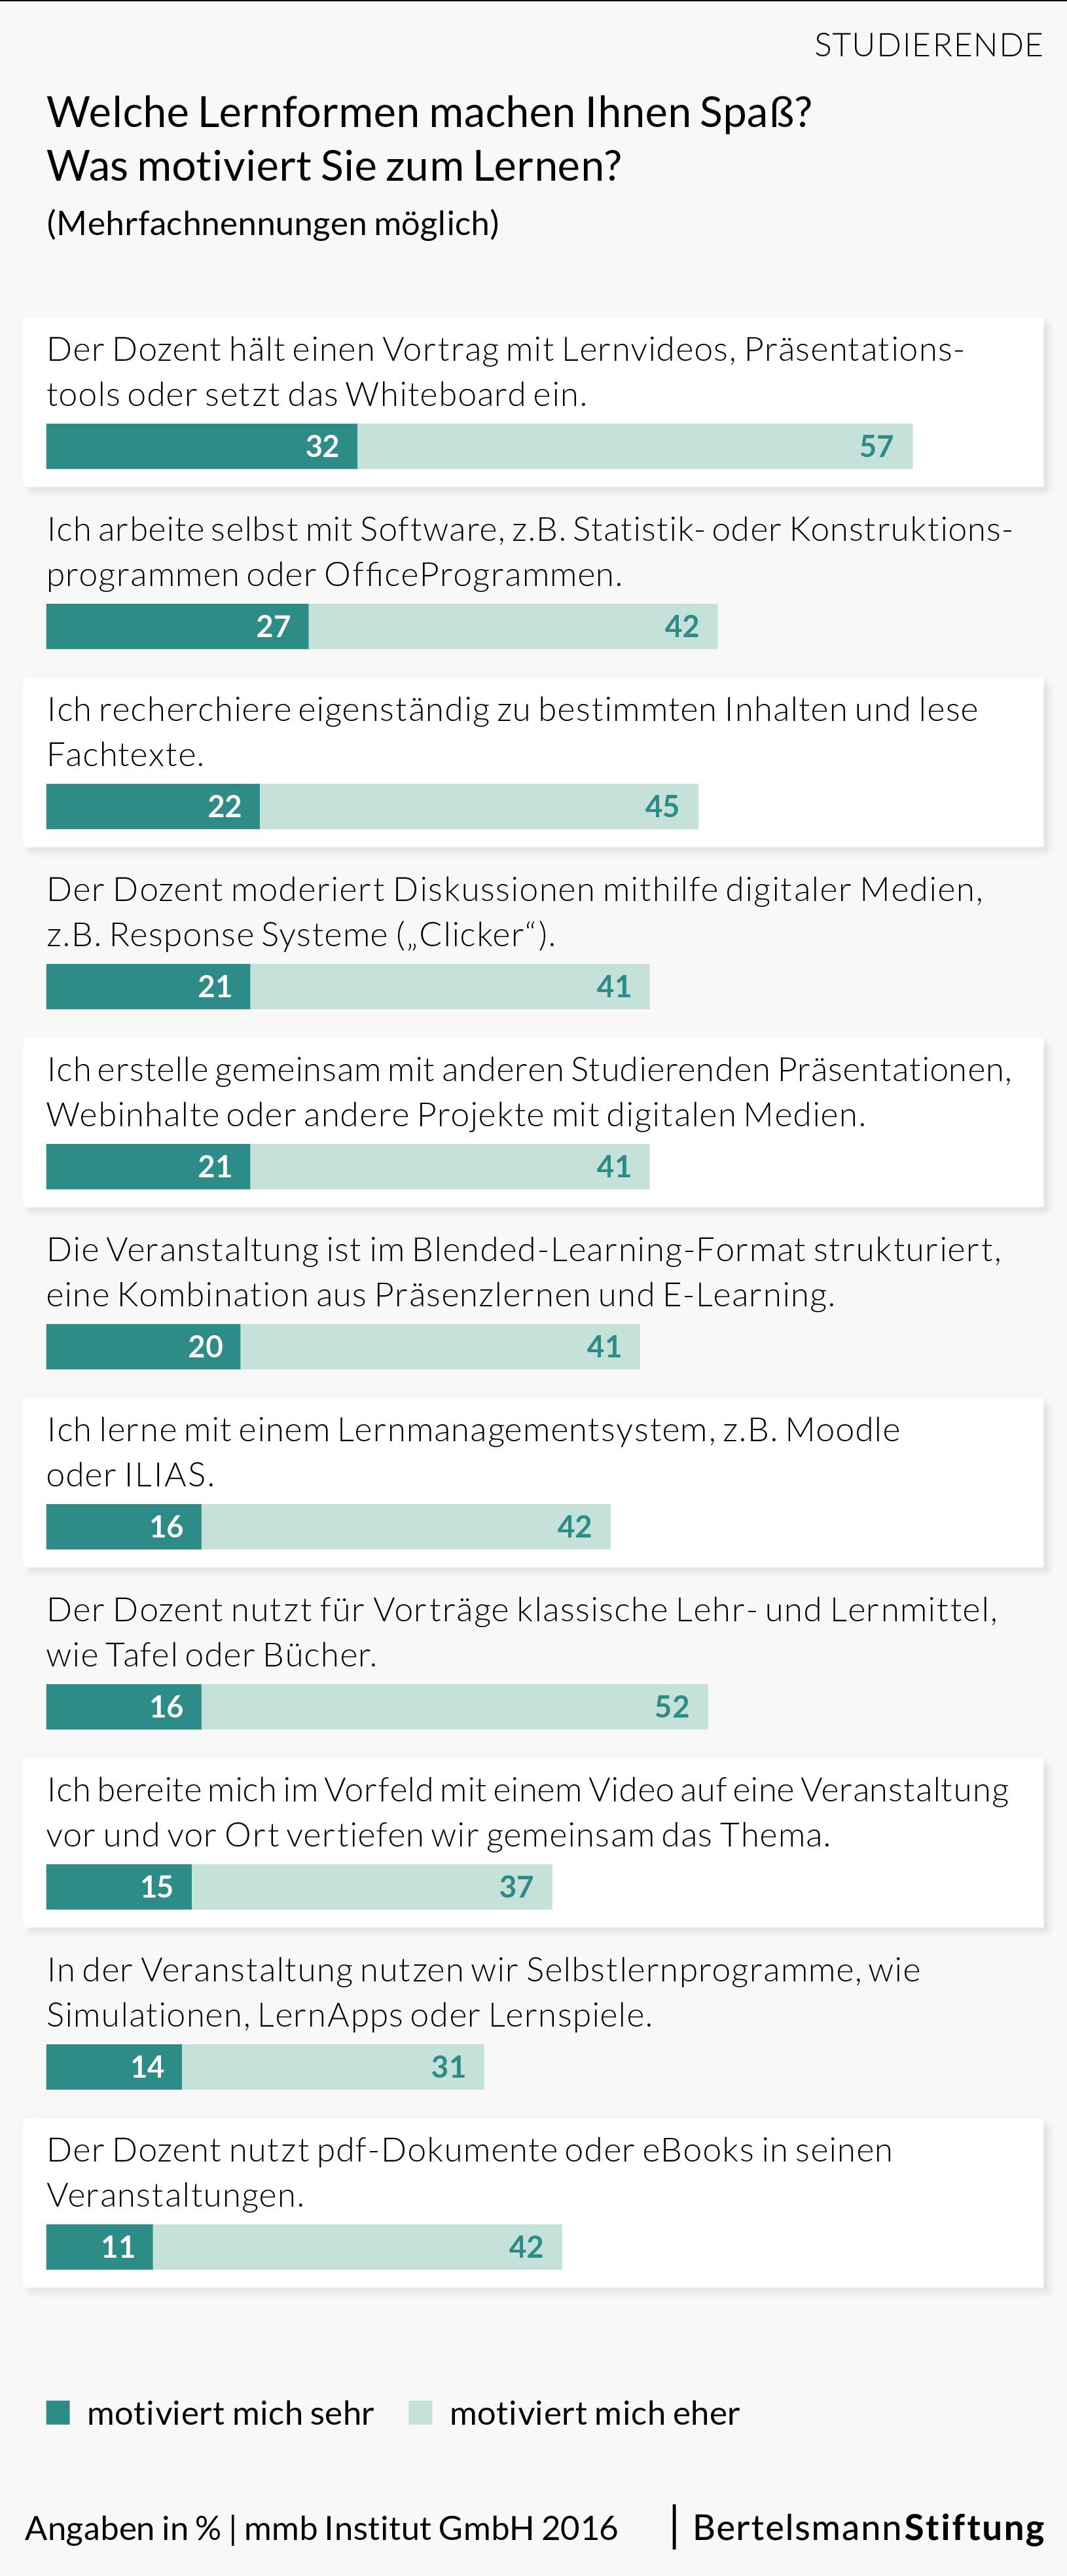 Groß Sonographeur Bildung Galerie - Menschliche Anatomie Bilder ...